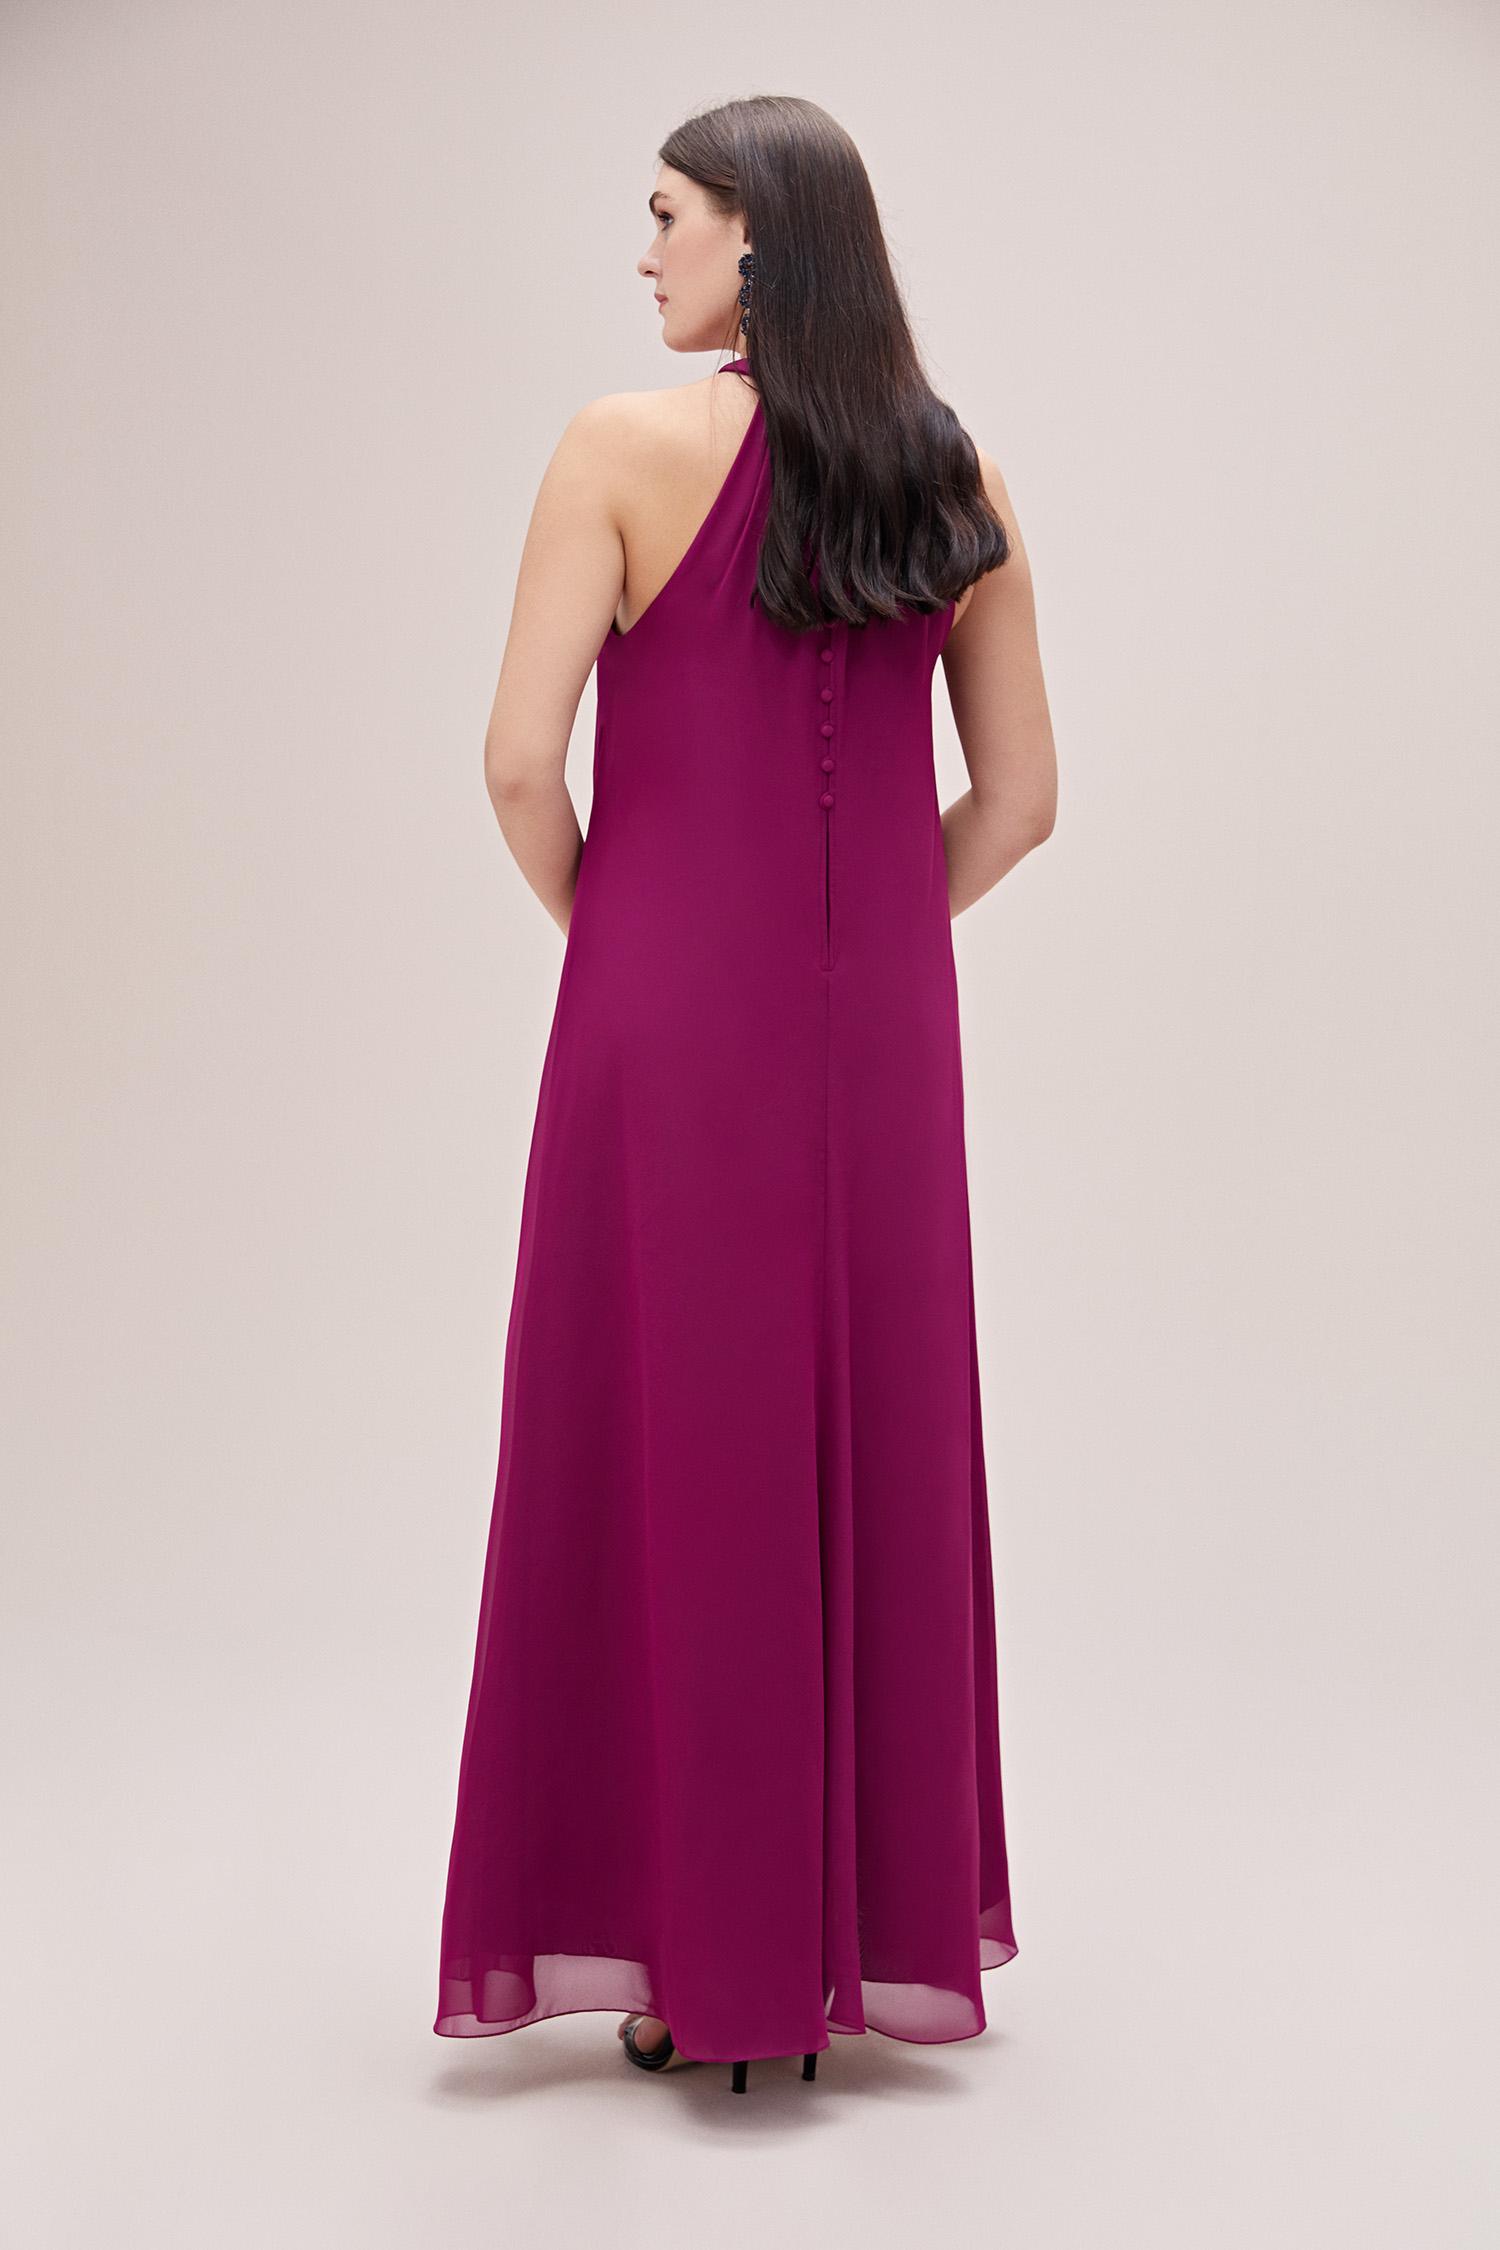 Açık Mürdüm Rengi Halter Yaka Şifon Büyük Beden Uzun Elbise - Thumbnail